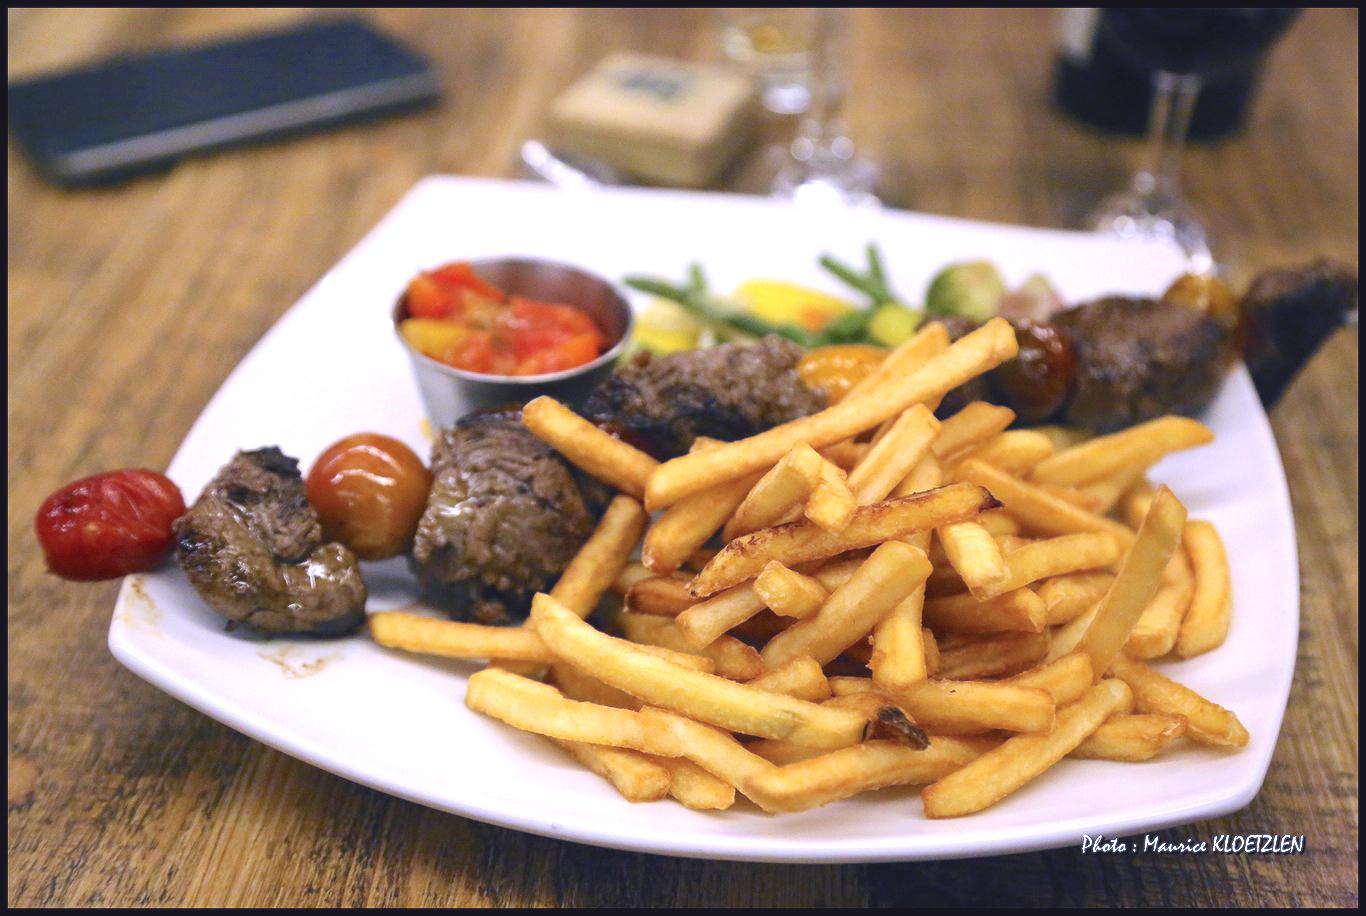 Brochette de bœuf servie à l'Auberge du Hirtz